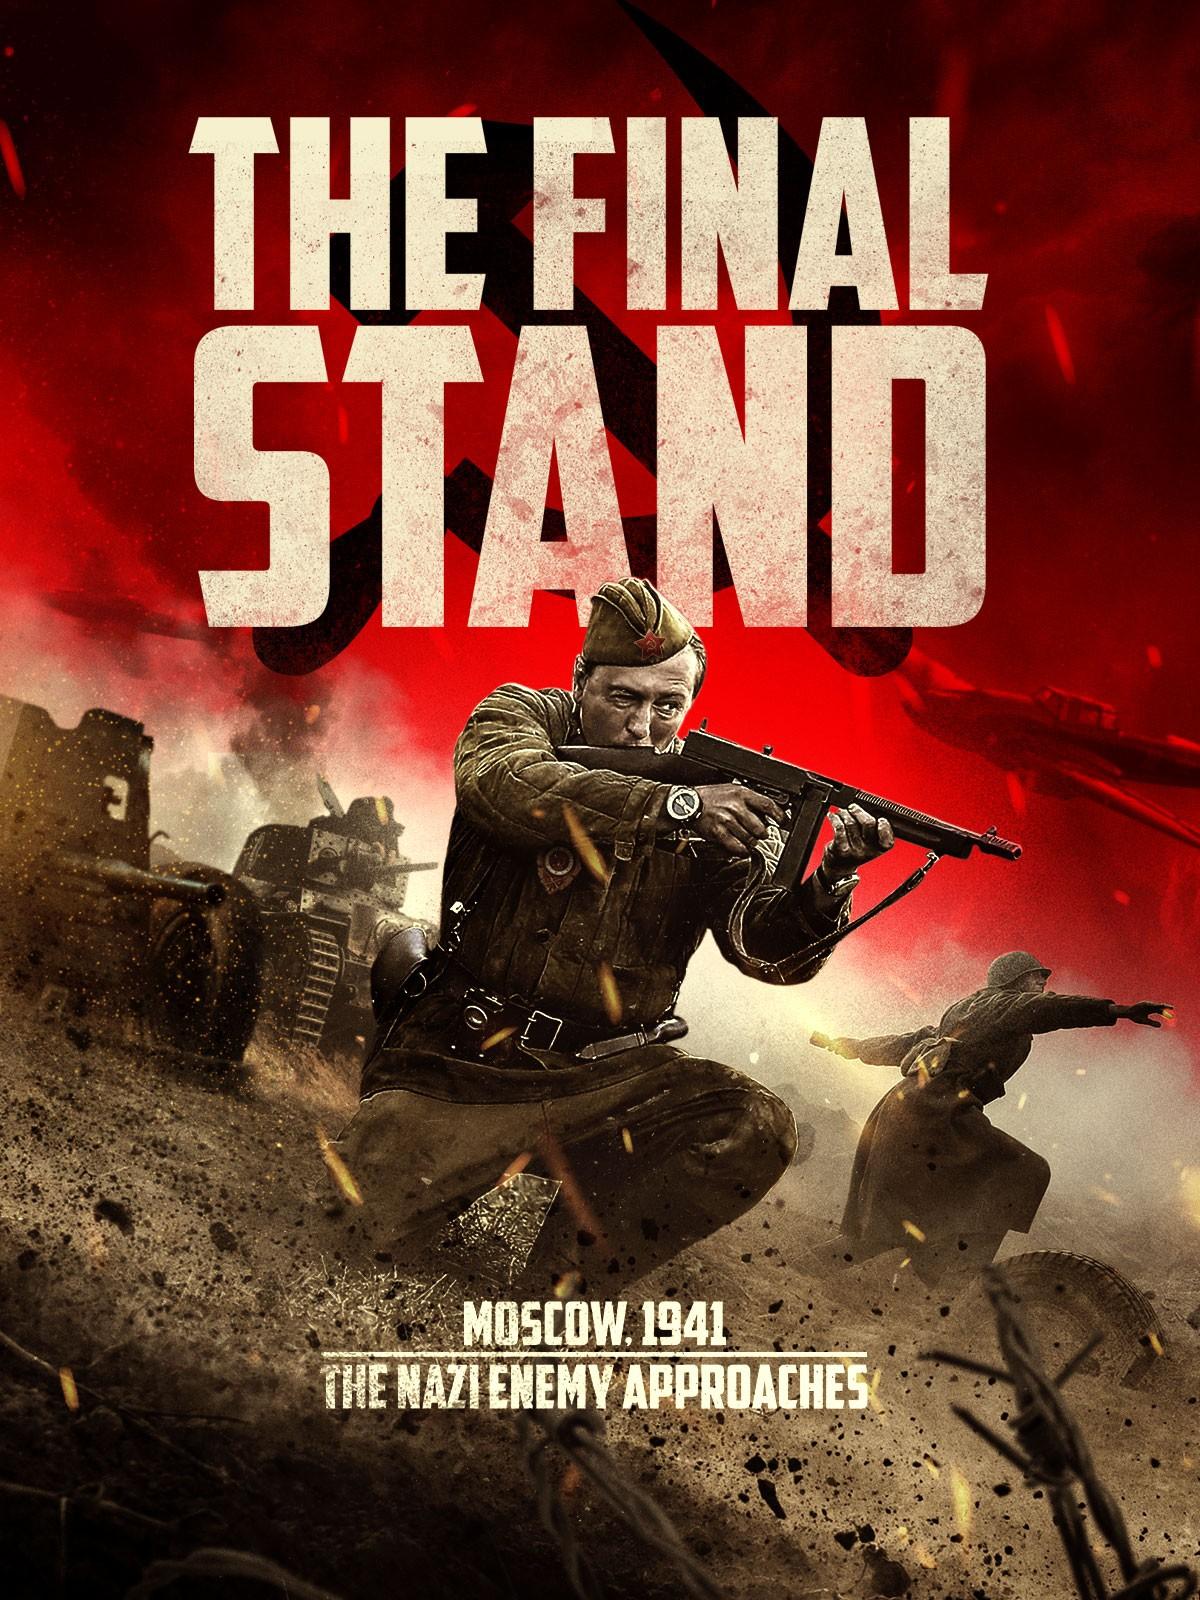 فيلم الاكشن والحرب The Last Frontier (2020) مترجم